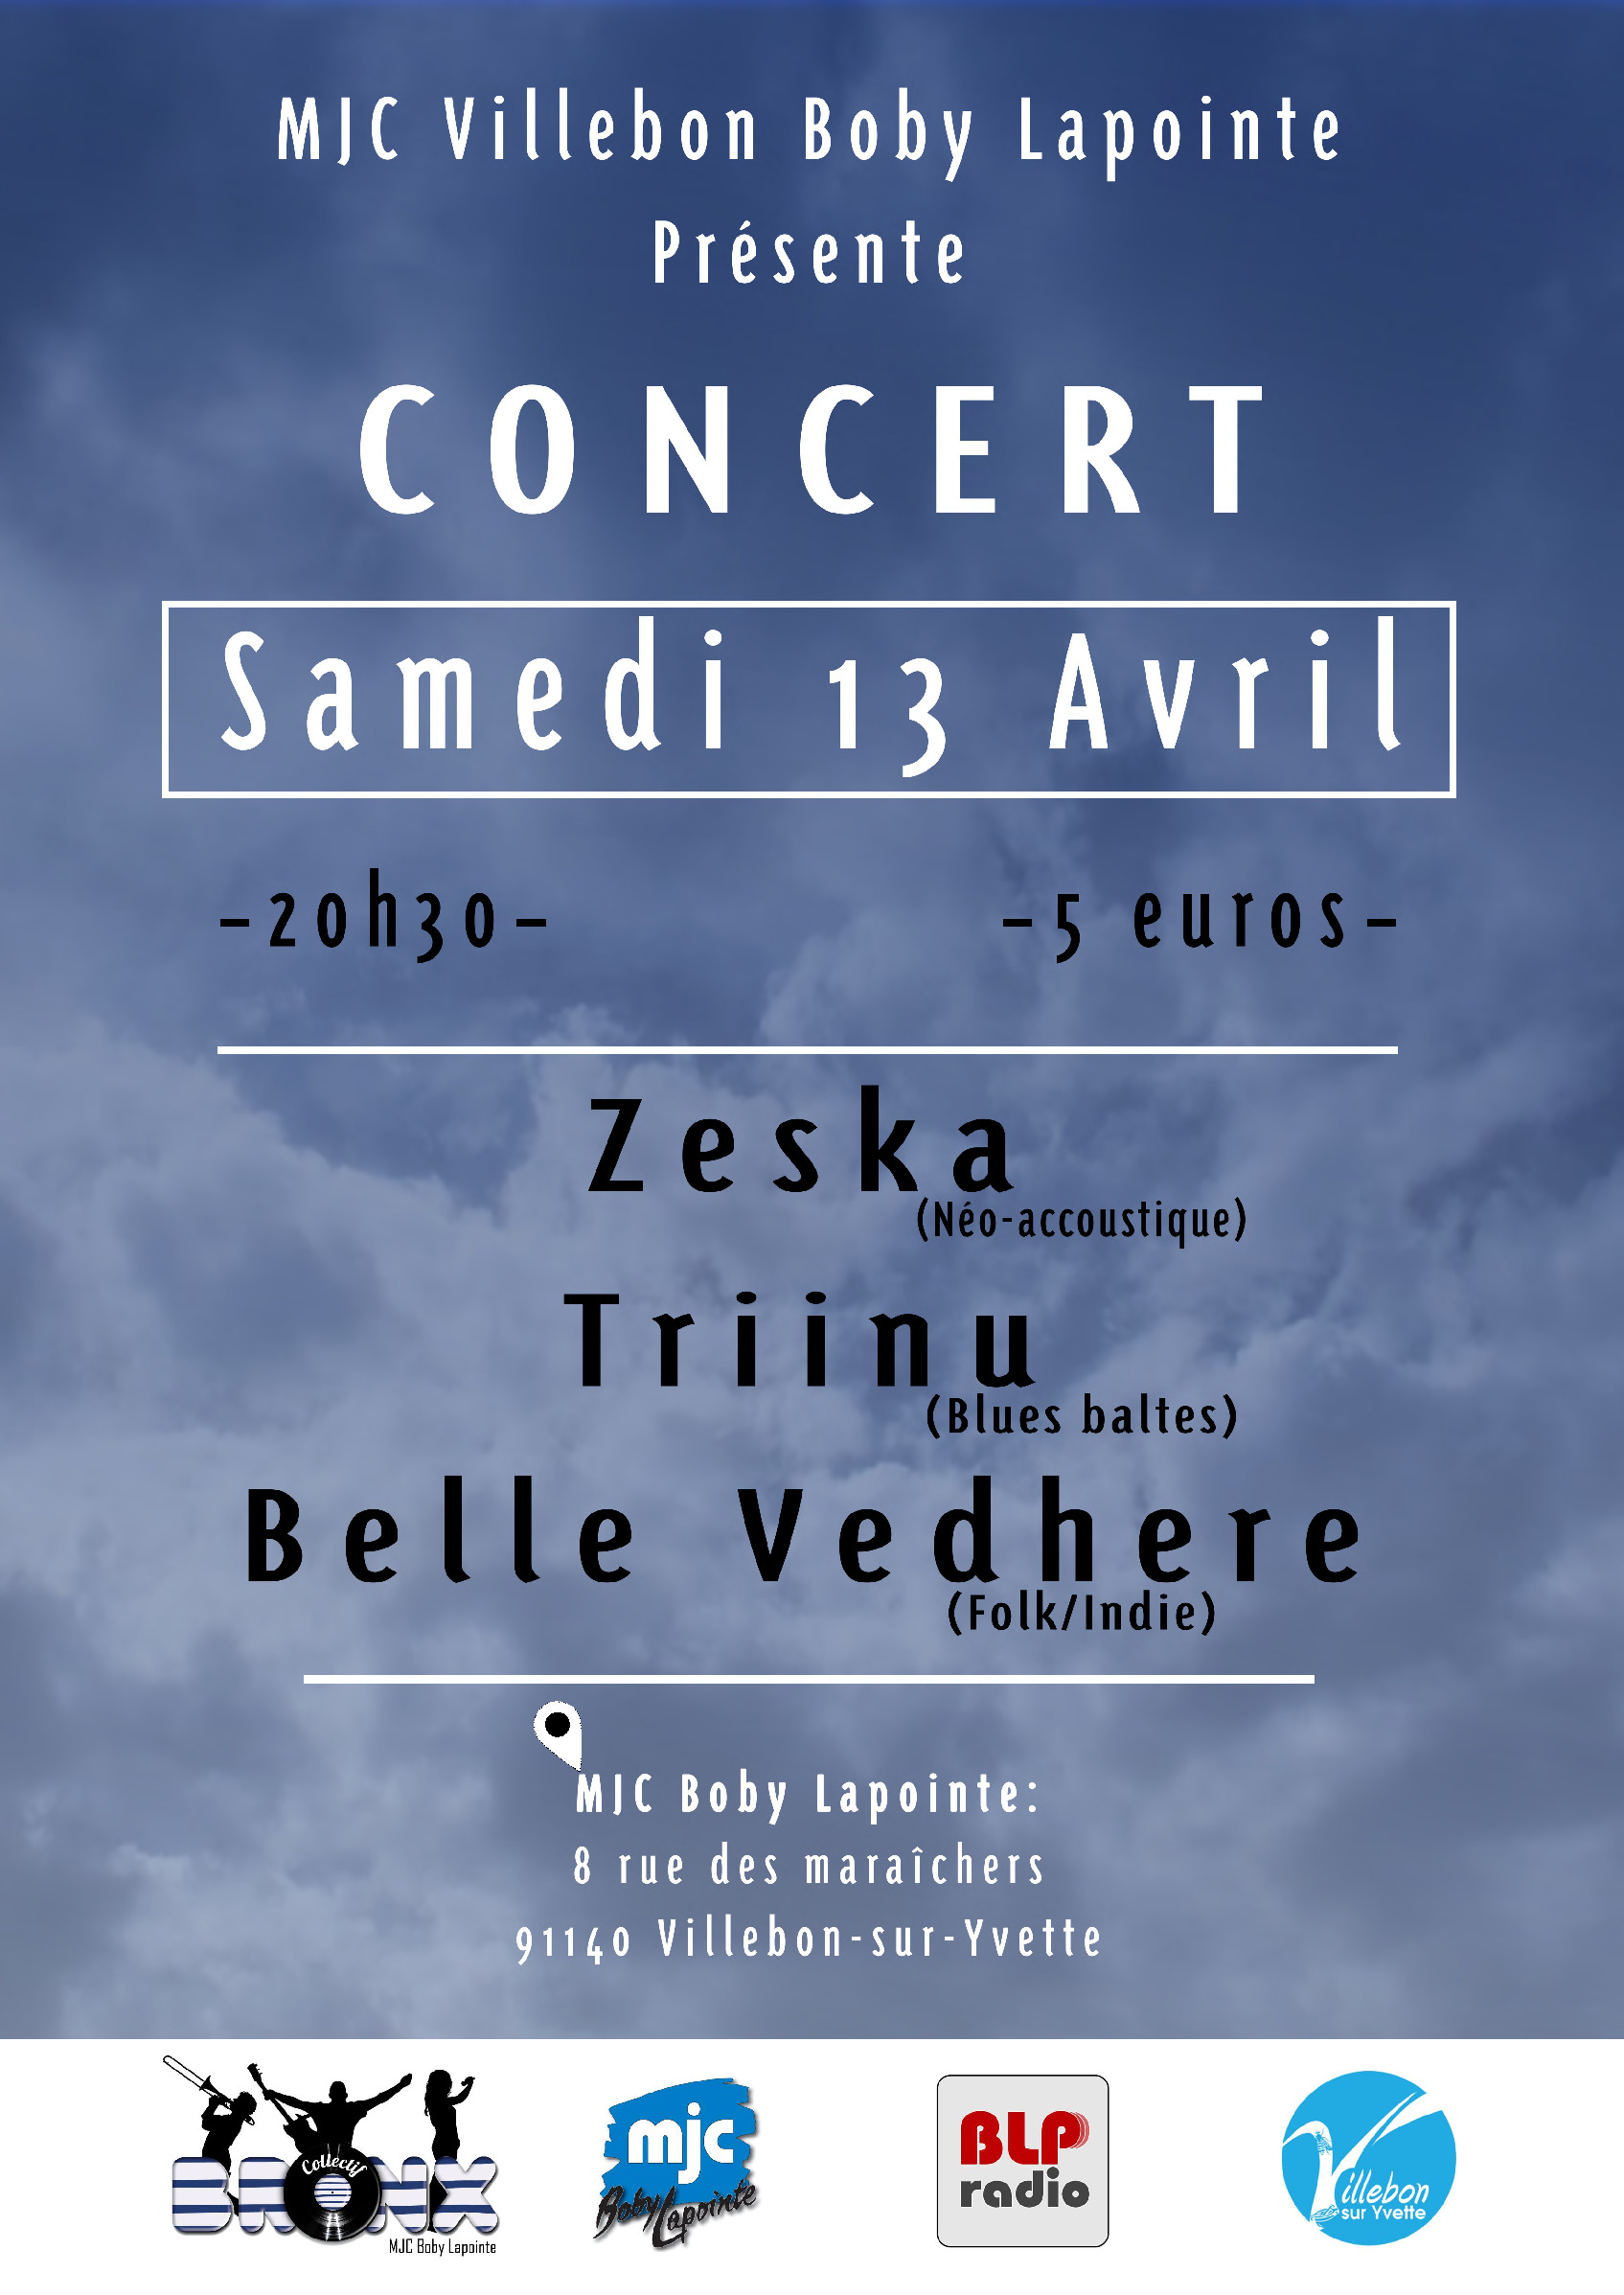 Concert // Zeska + Triinu + Belle Vedhere